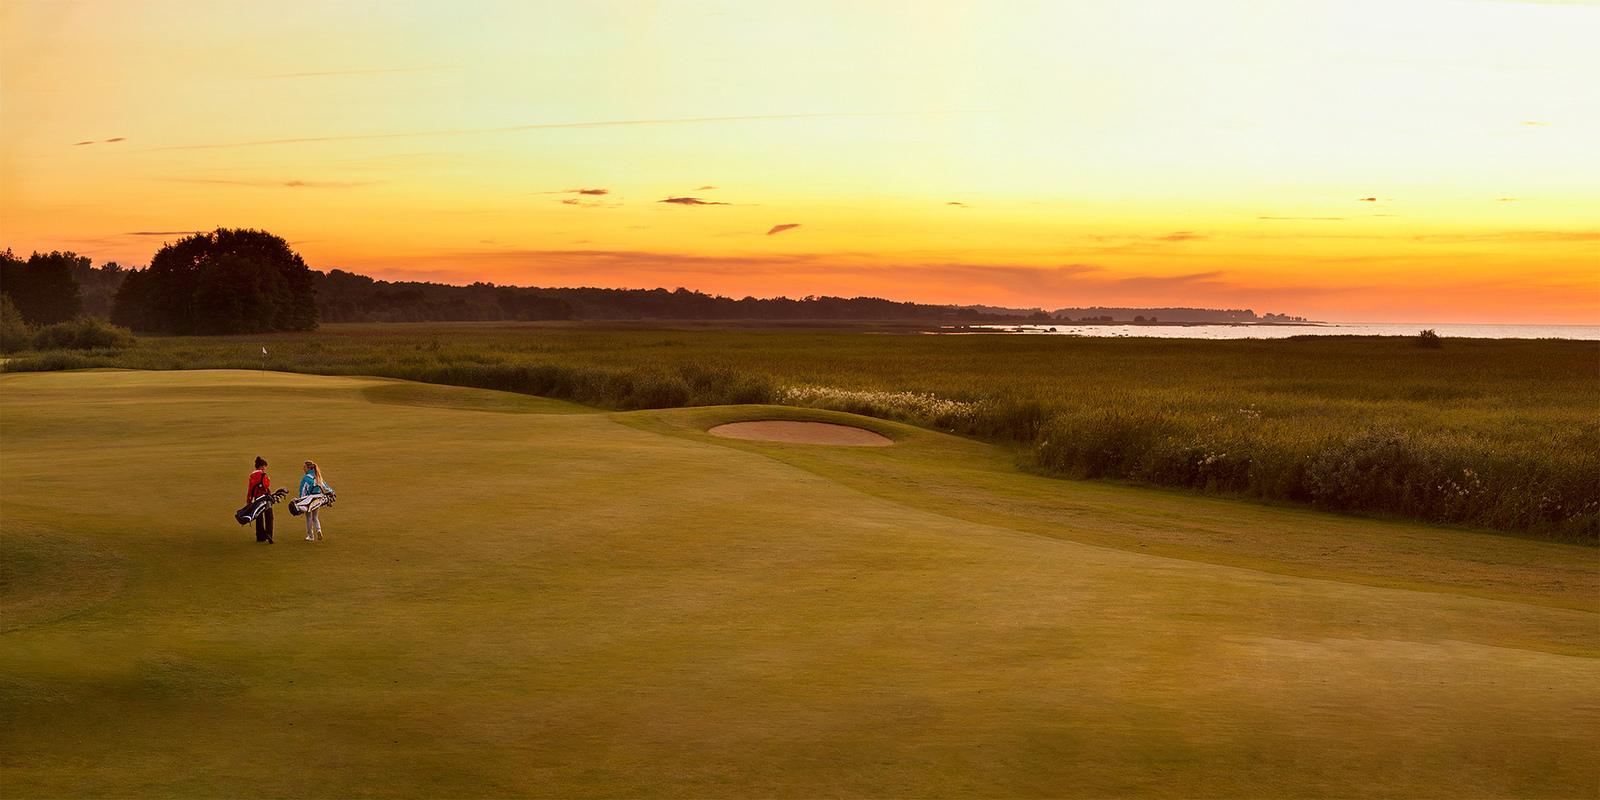 Golf courses in Estonia